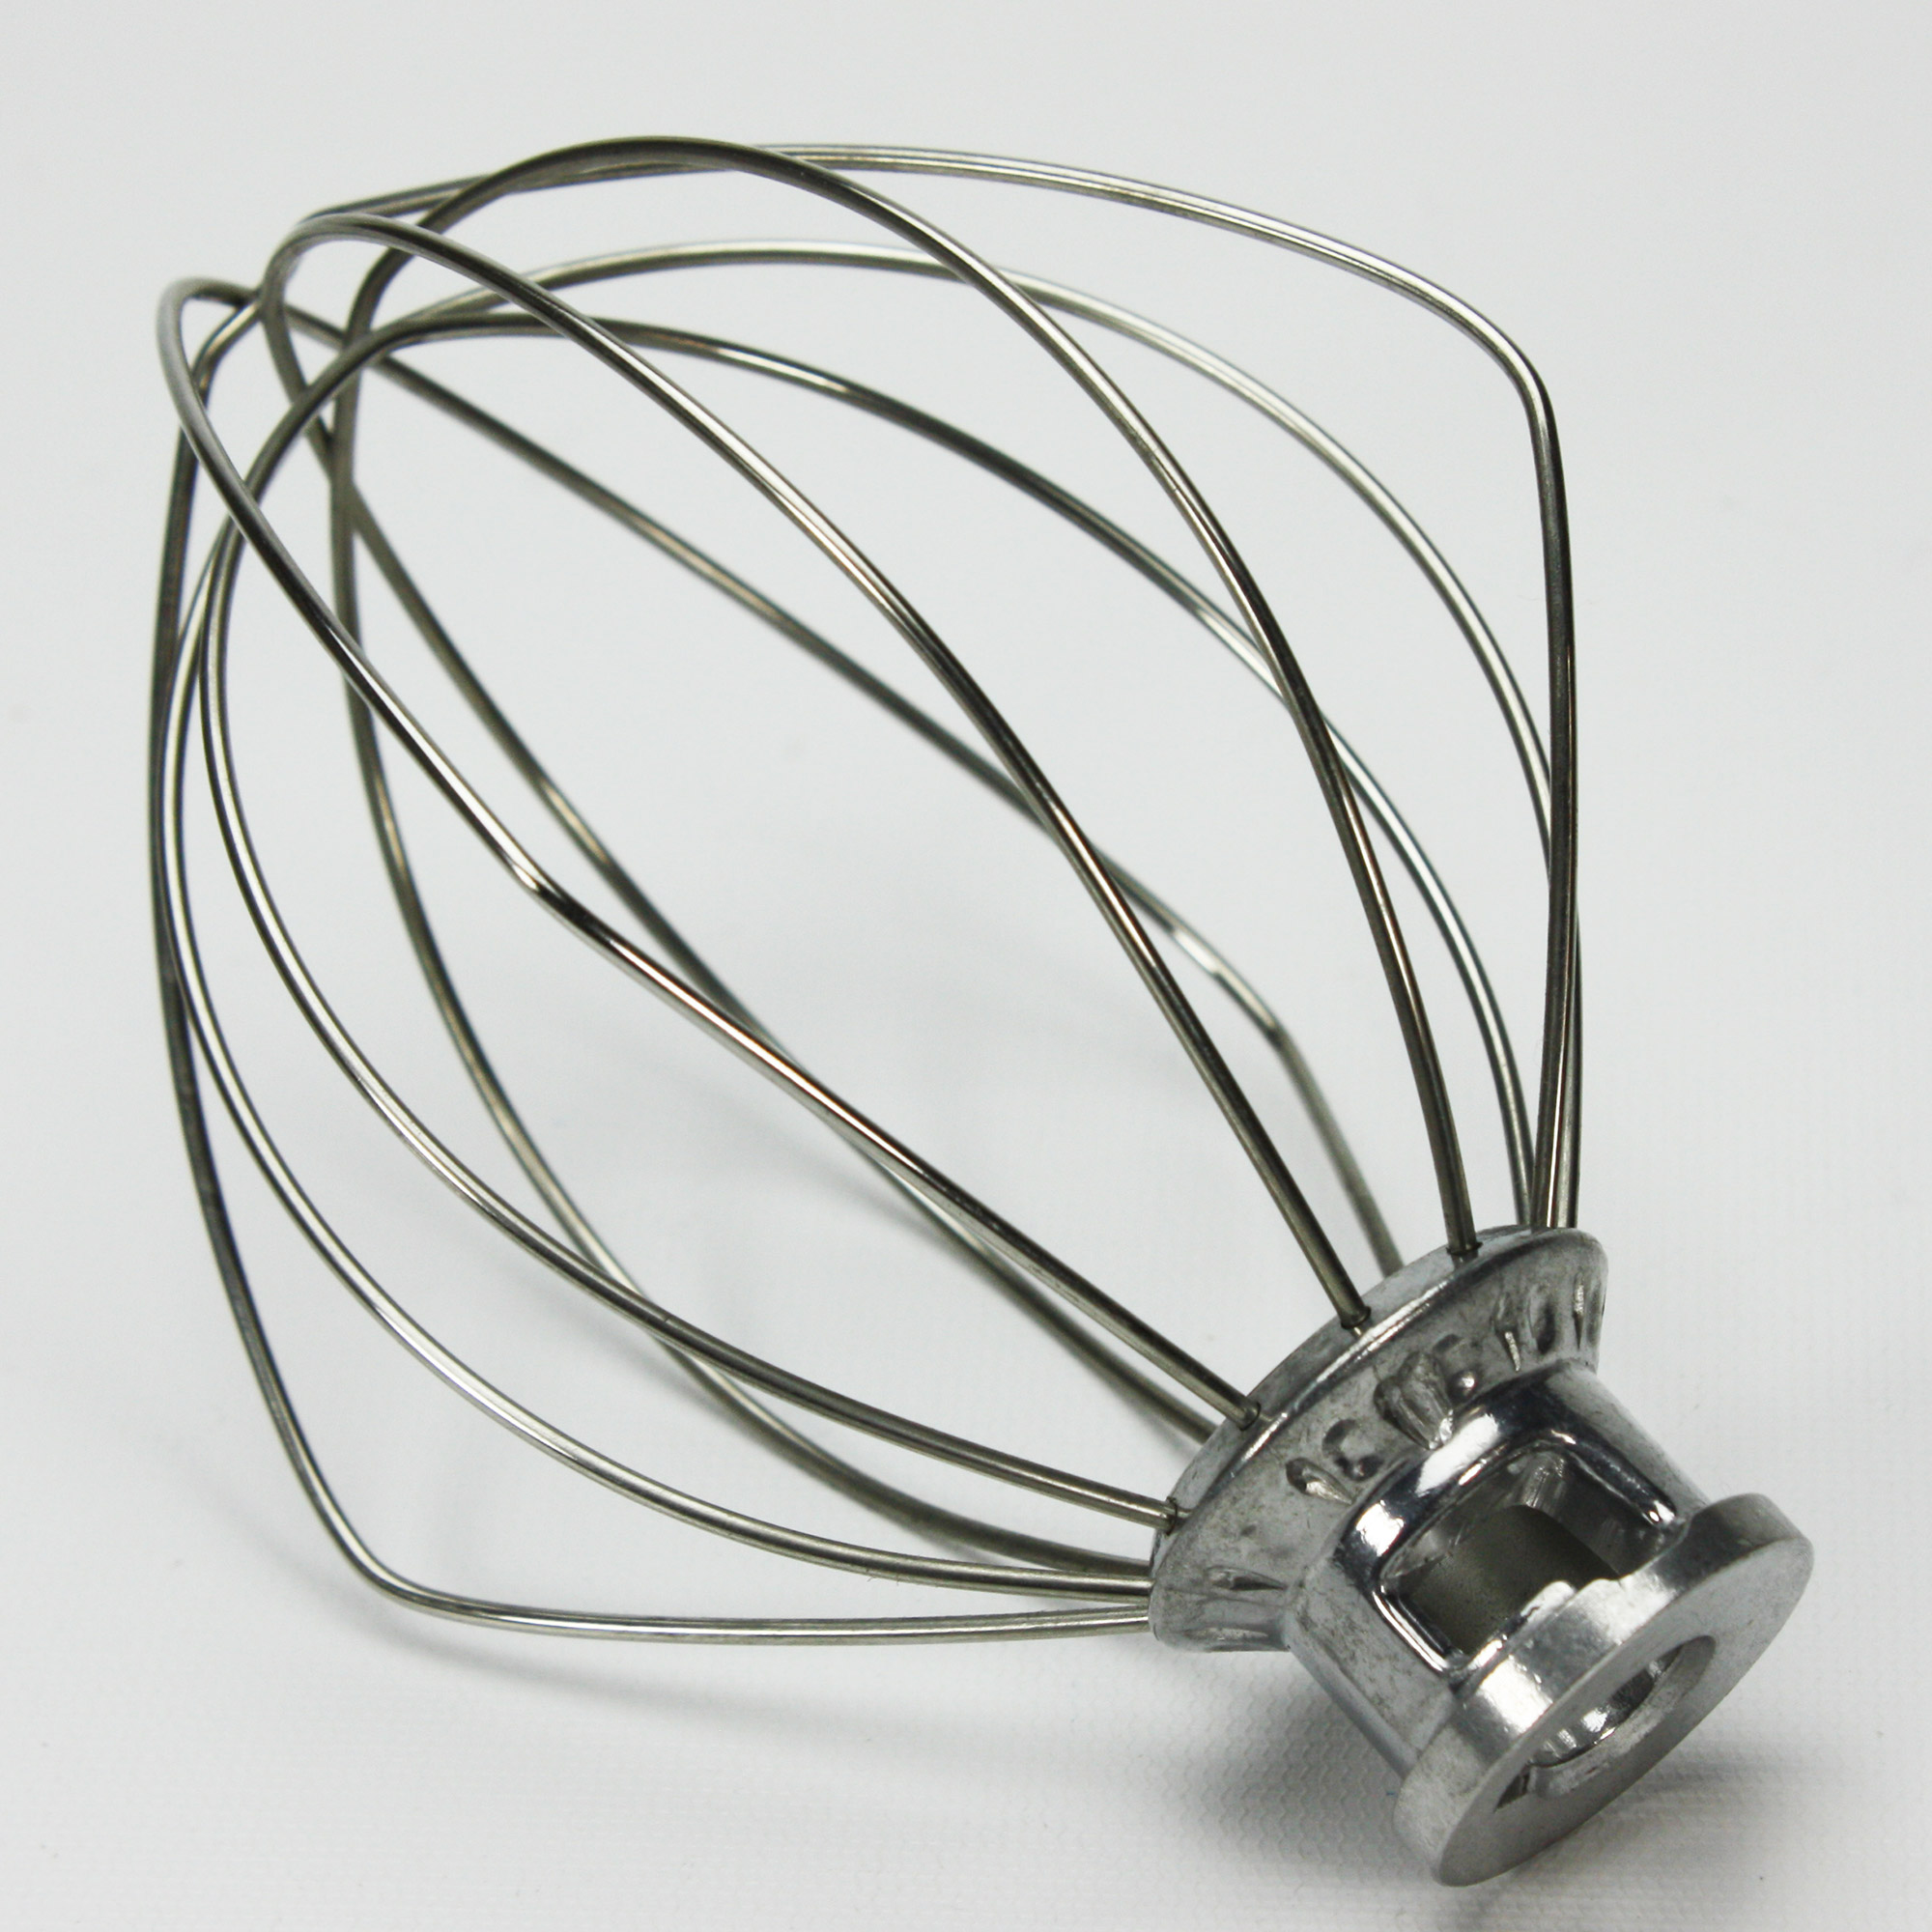 sapk45ww fits k45ww 9704329 for kitchen aid mixer wire